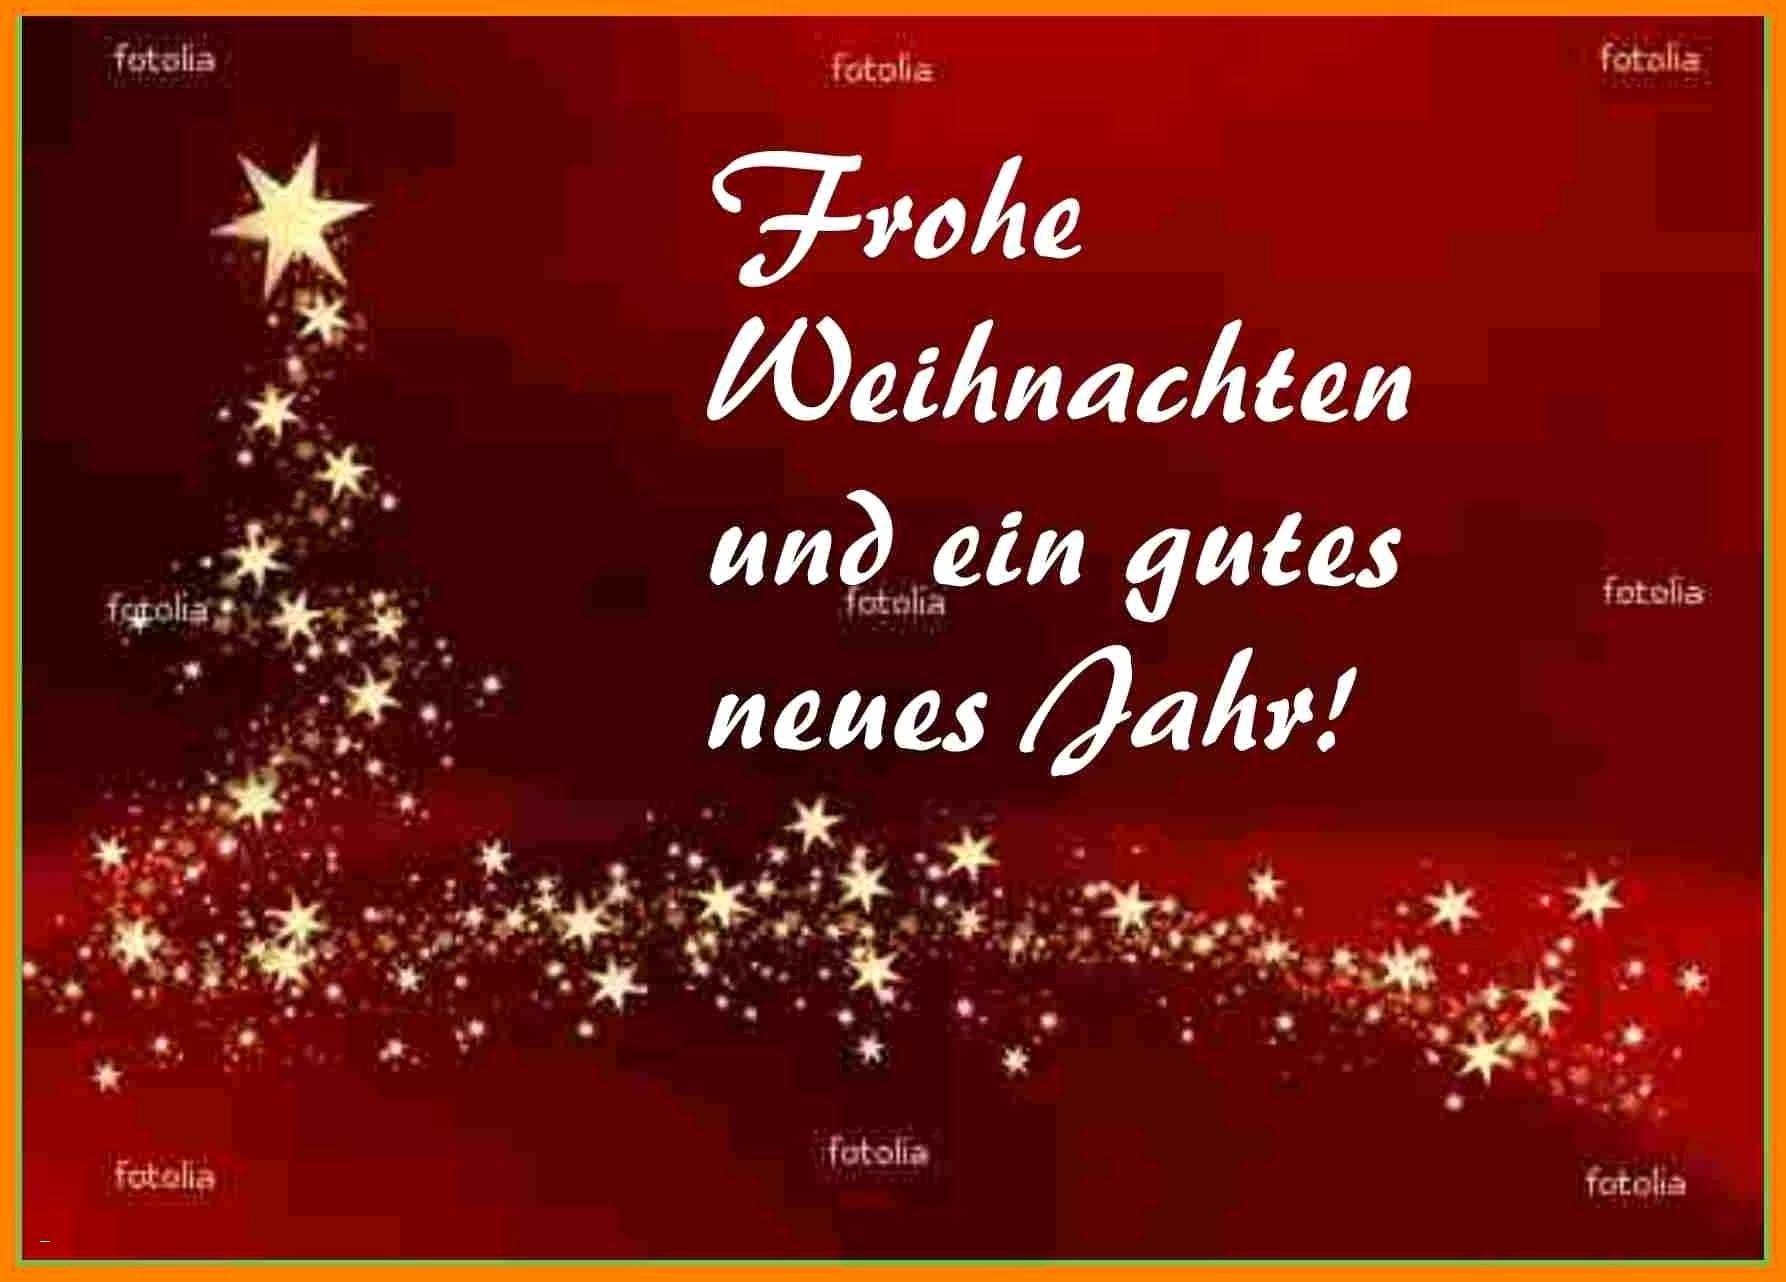 Christliche Weihnachtskarten Kostenlos Luxus Weihnachtskarte bestimmt für Weihnachtsgrüße Selbst Gestalten Kostenlos